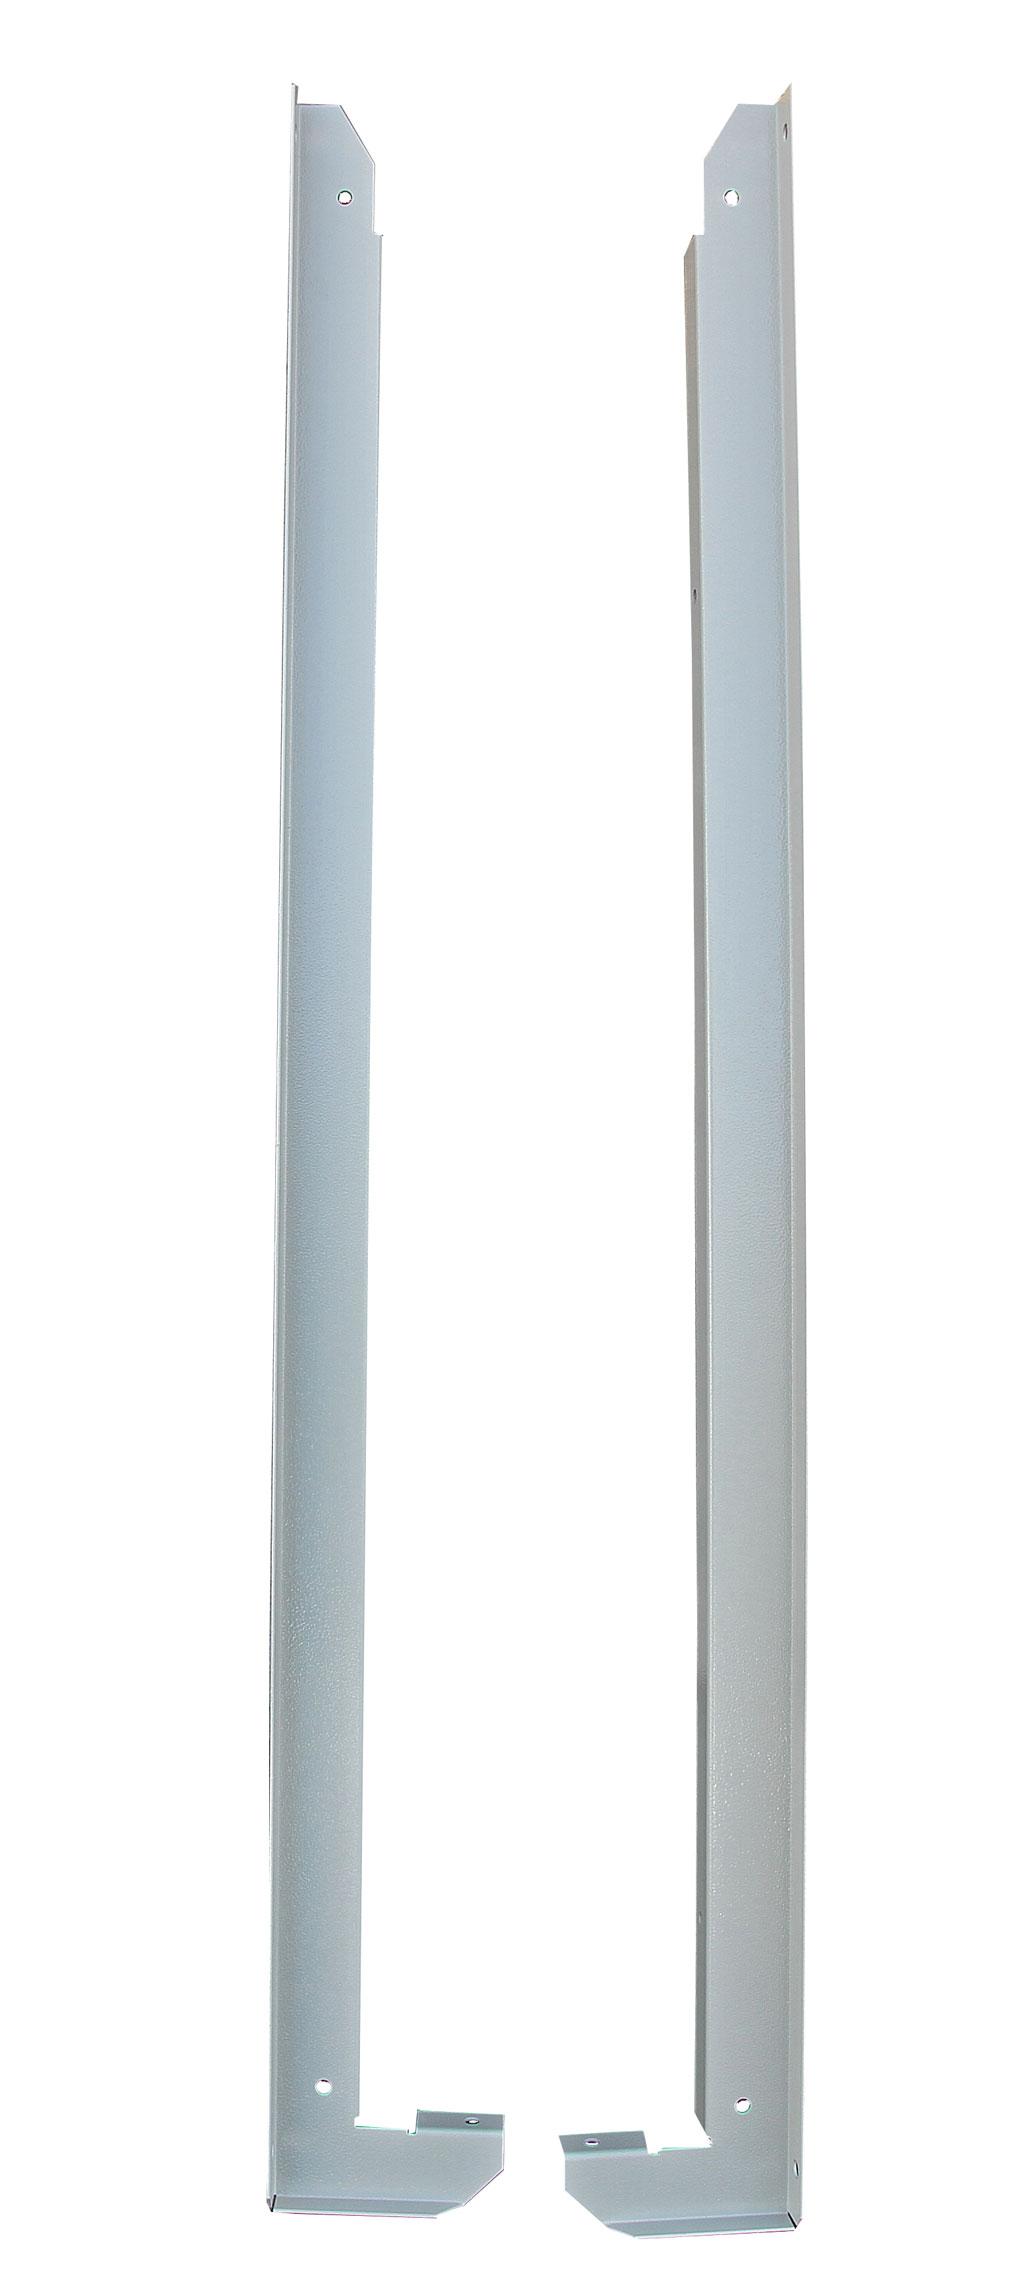 Komplett-Vaggfaste-till-dubbelvaggiga-aluminiumsskap-1400mm-hog